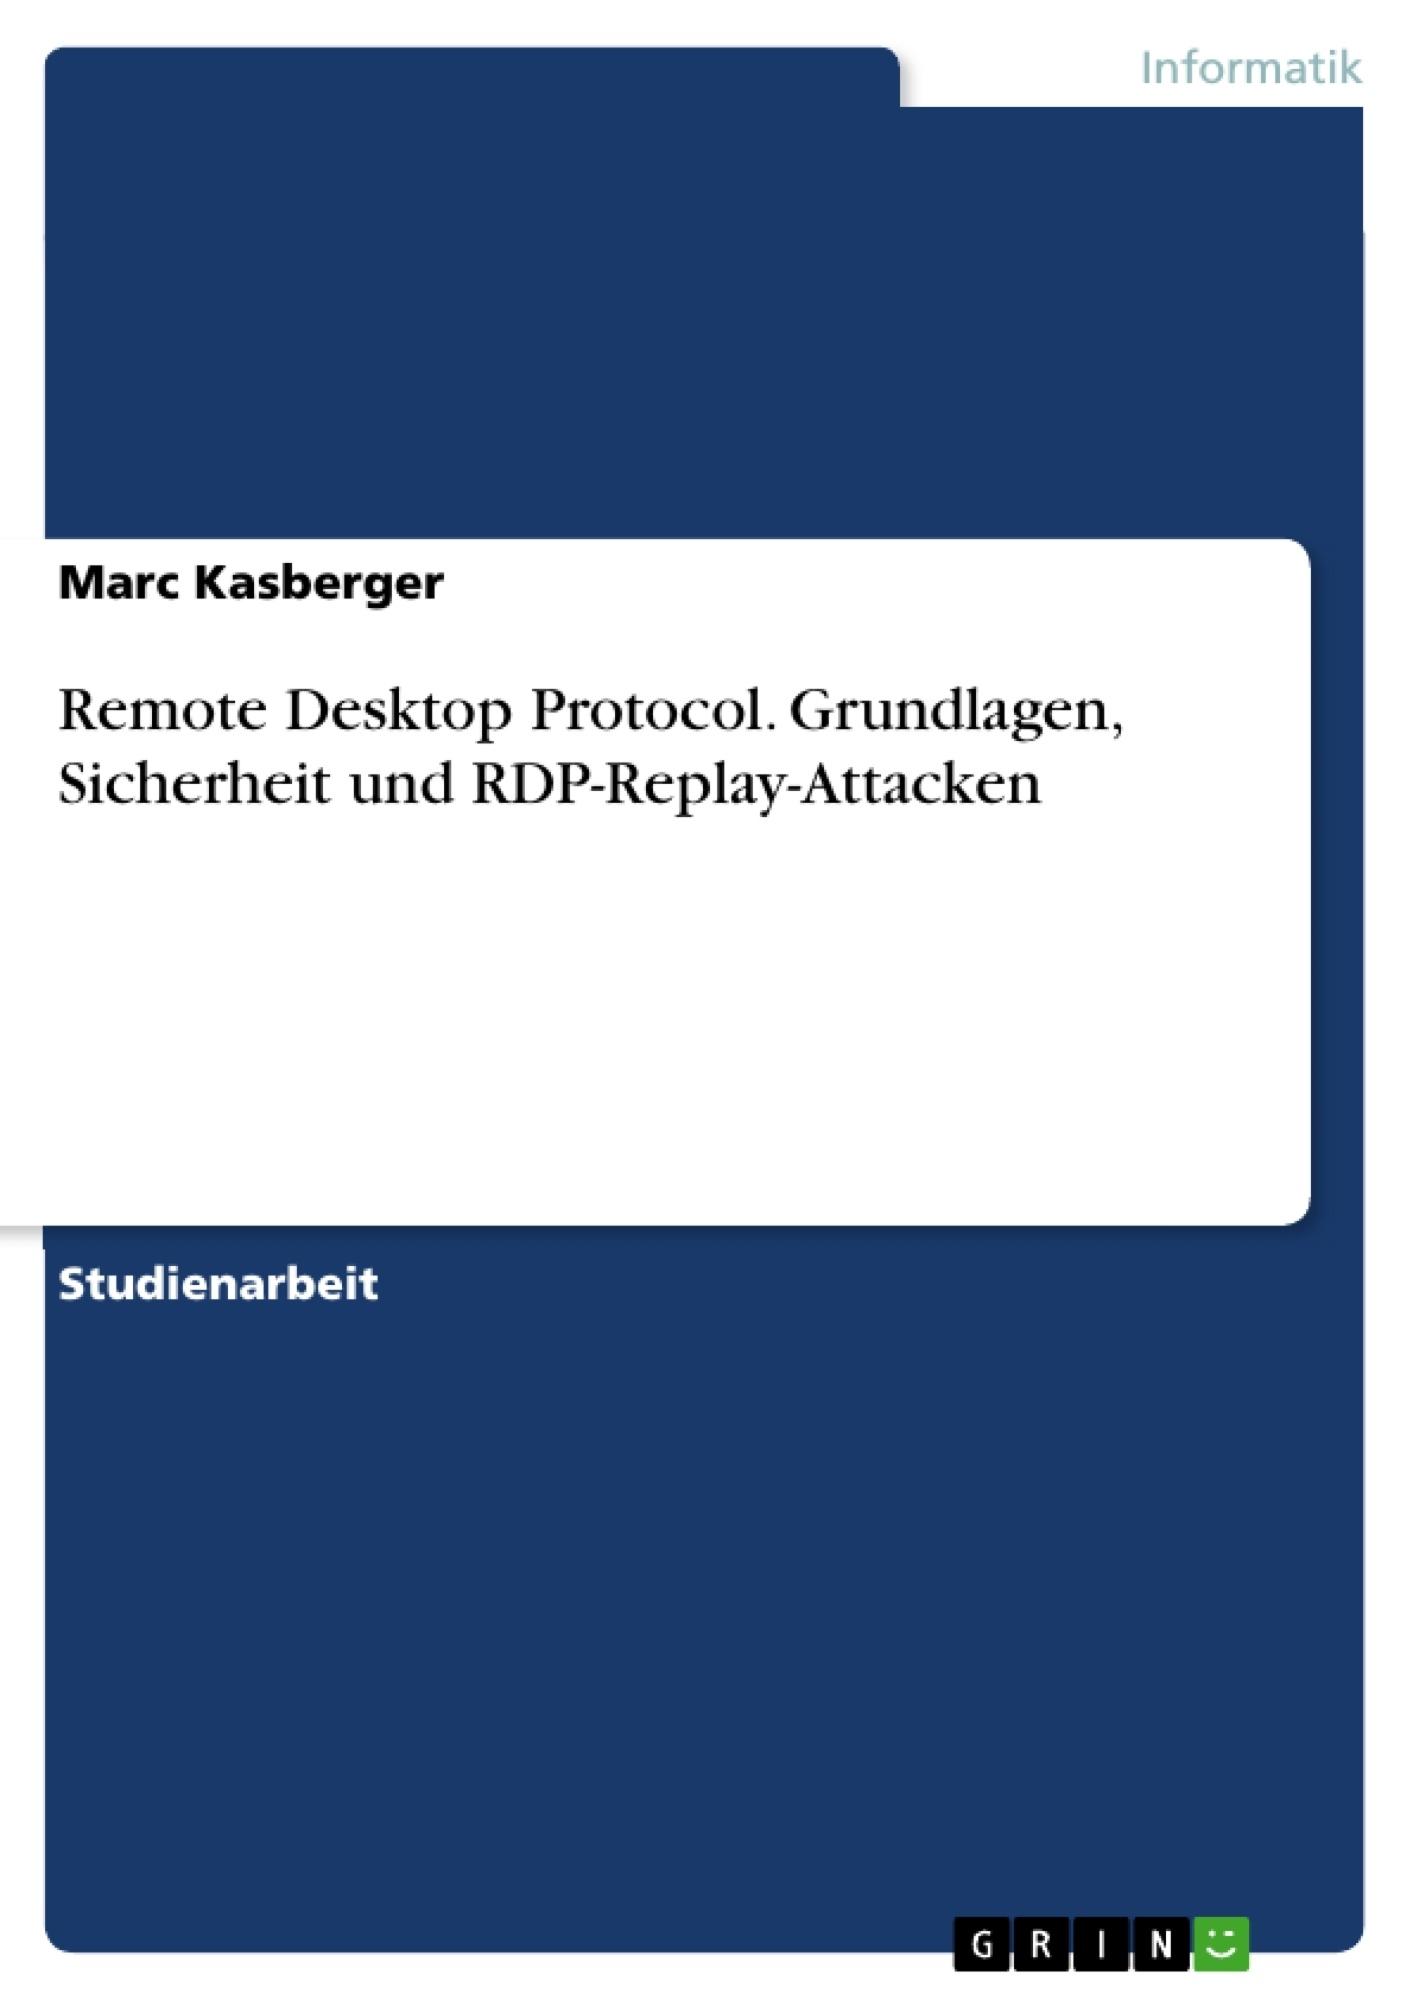 Titel: Remote Desktop Protocol. Grundlagen, Sicherheit und RDP-Replay-Attacken